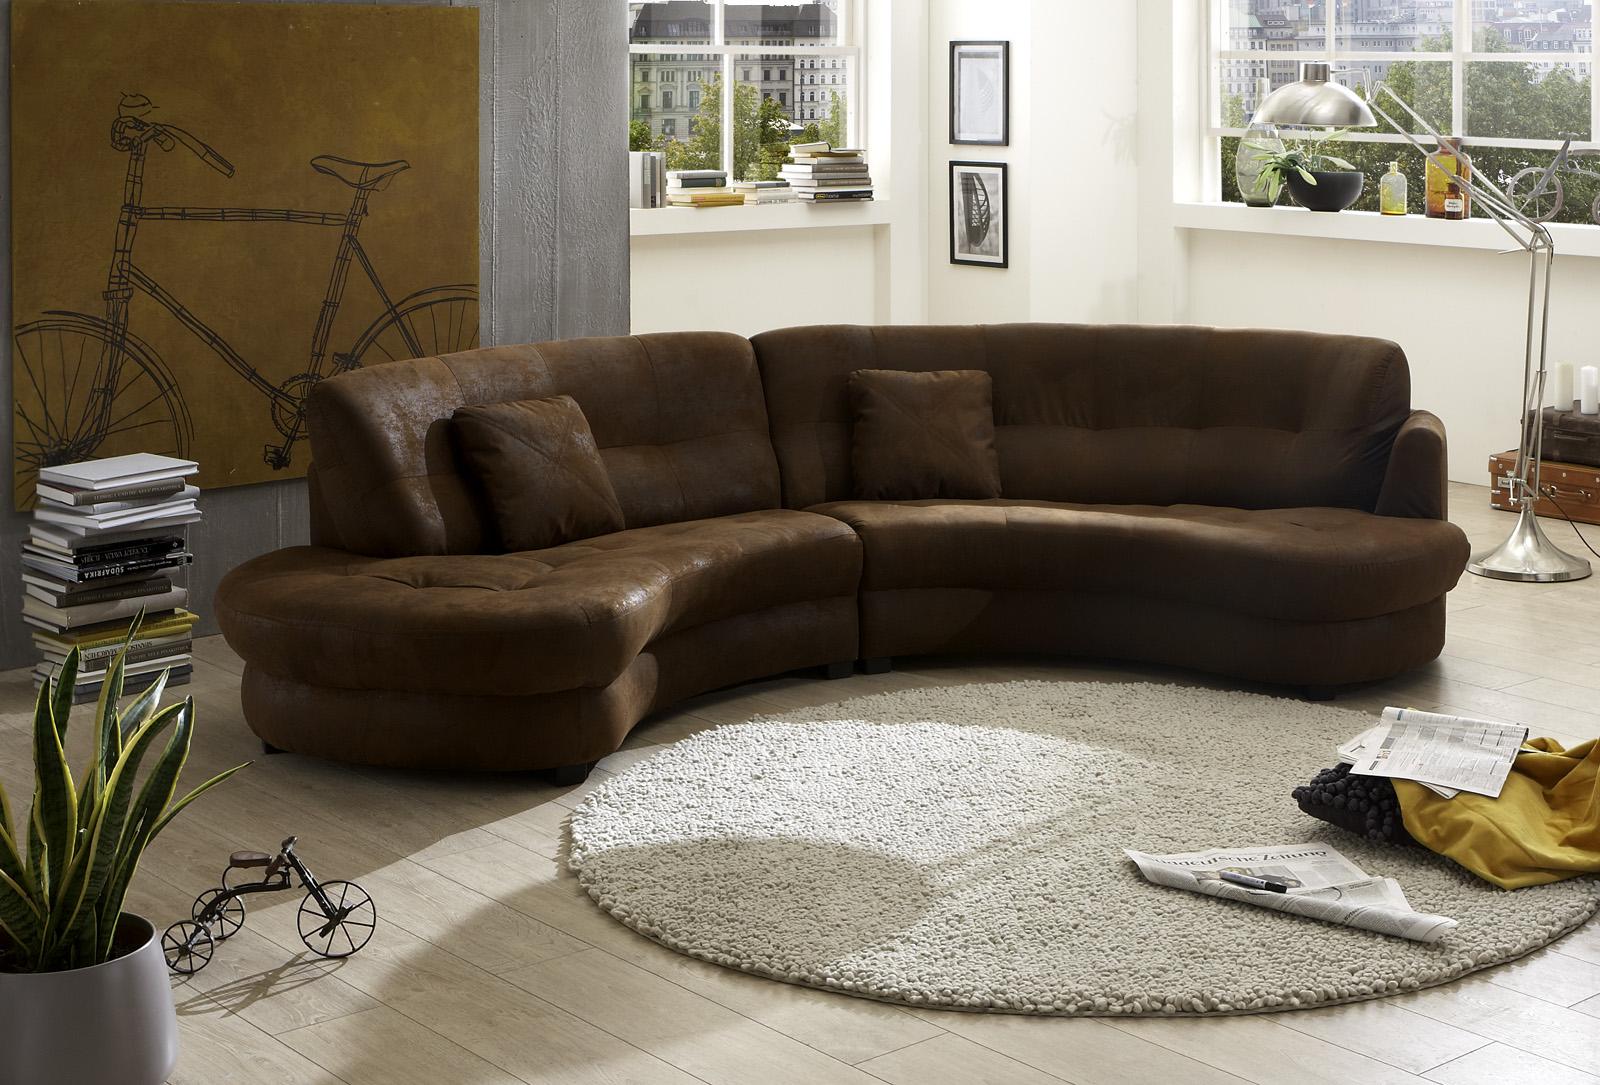 ecksofas g nstig bei stilartm bel kaufen. Black Bedroom Furniture Sets. Home Design Ideas